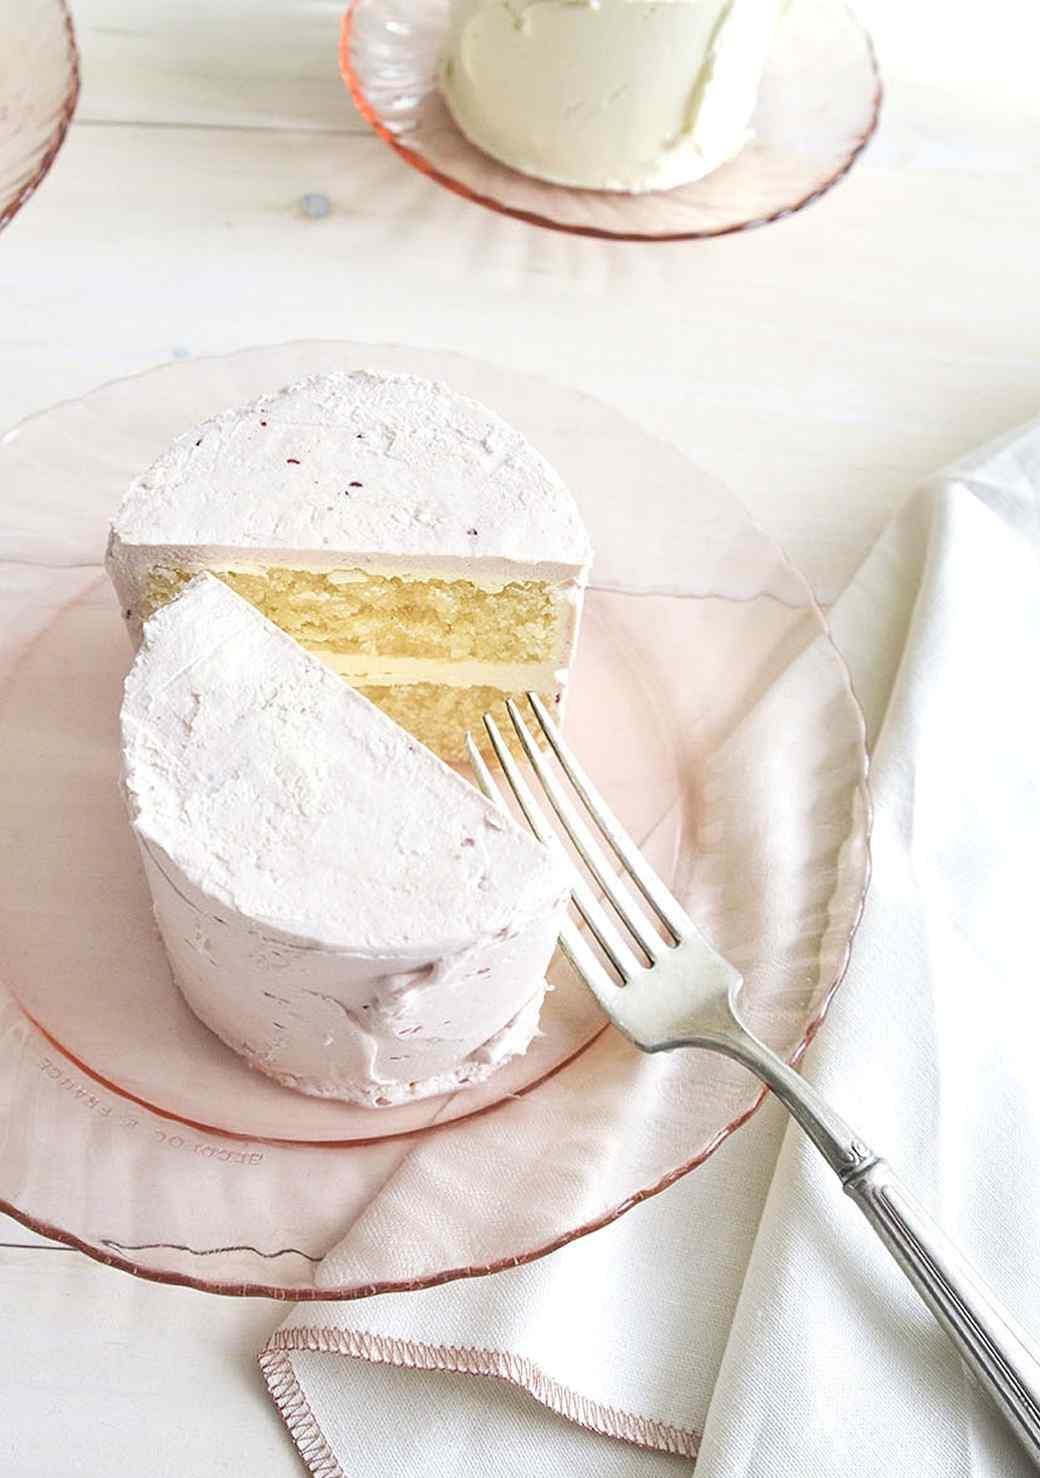 localcreative-marthastewart-valentines-lael-cake-flowers-gift-4--3-.jpg (skyword:225926)